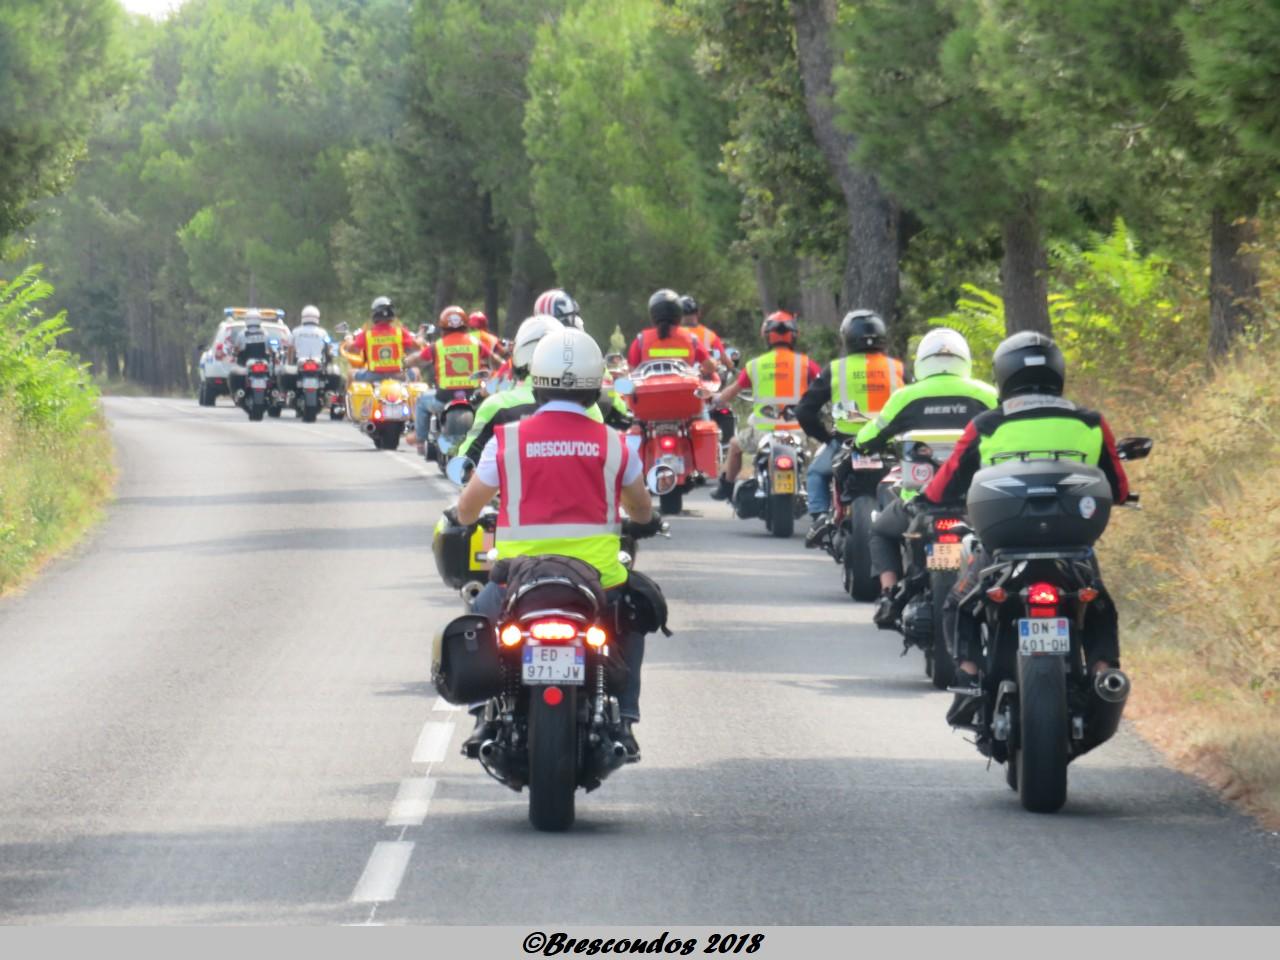 Sécurité routière d'enfer !!!